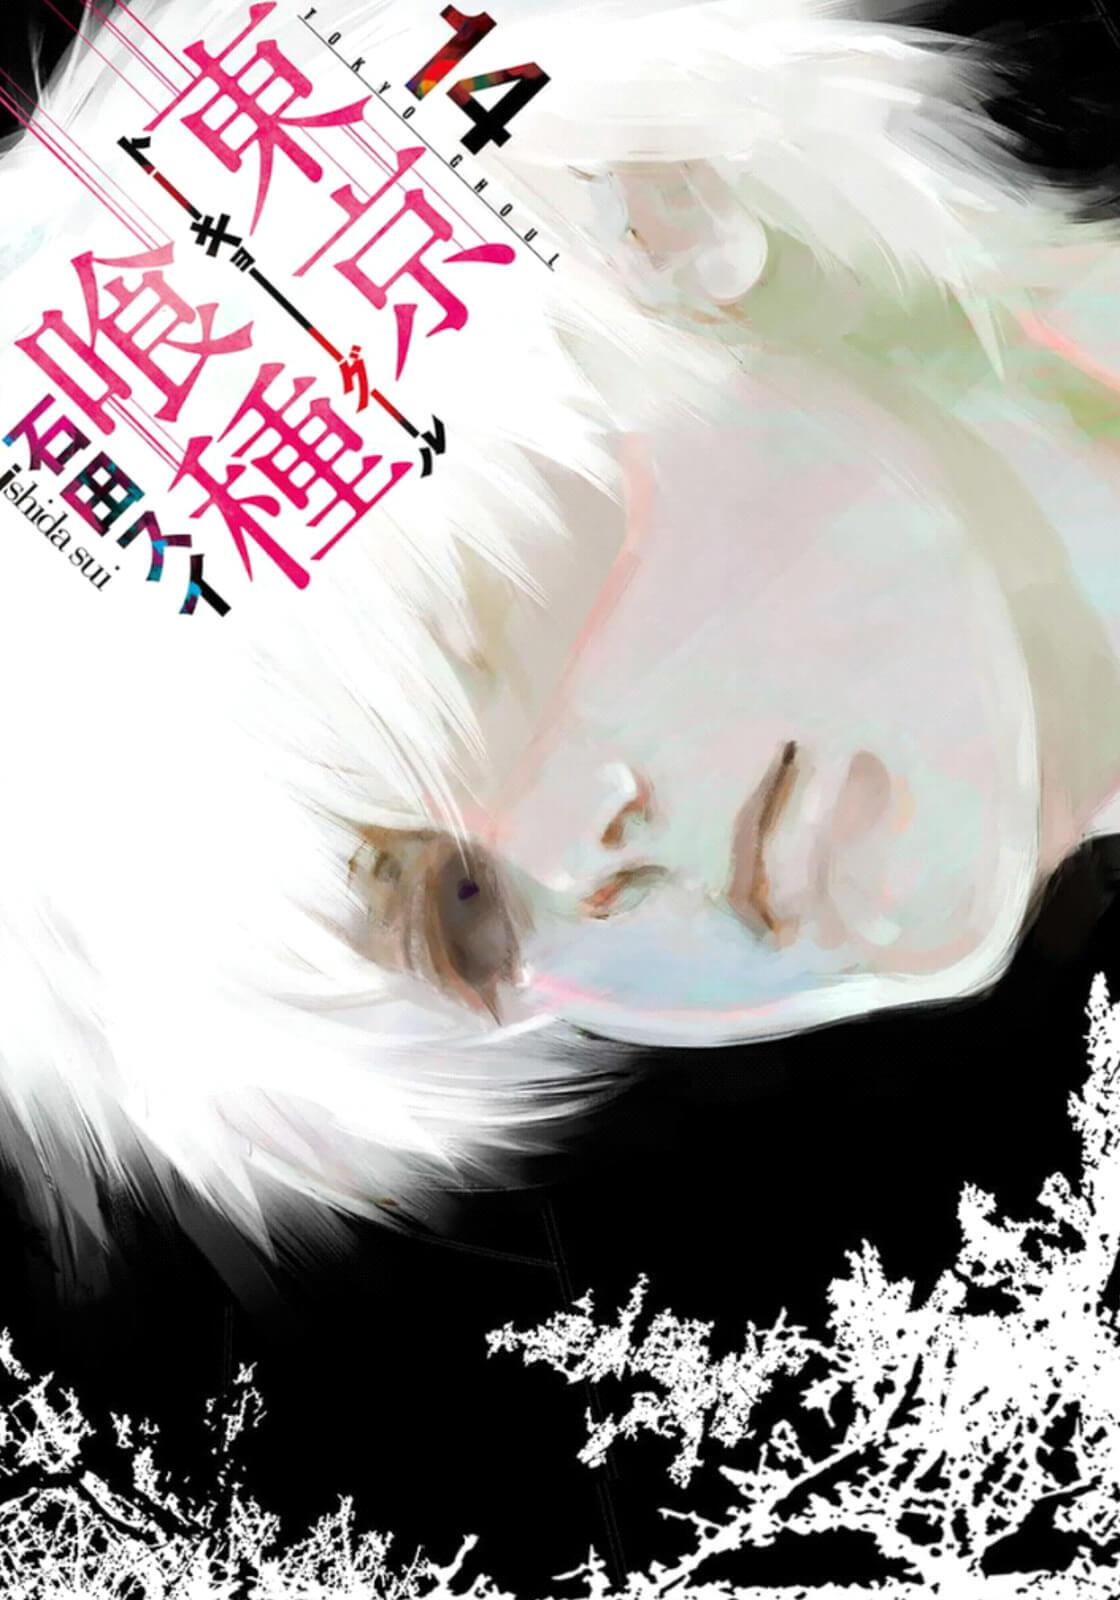 Descargar manga de Tokyo Ghoul en PDF por mega completo en español